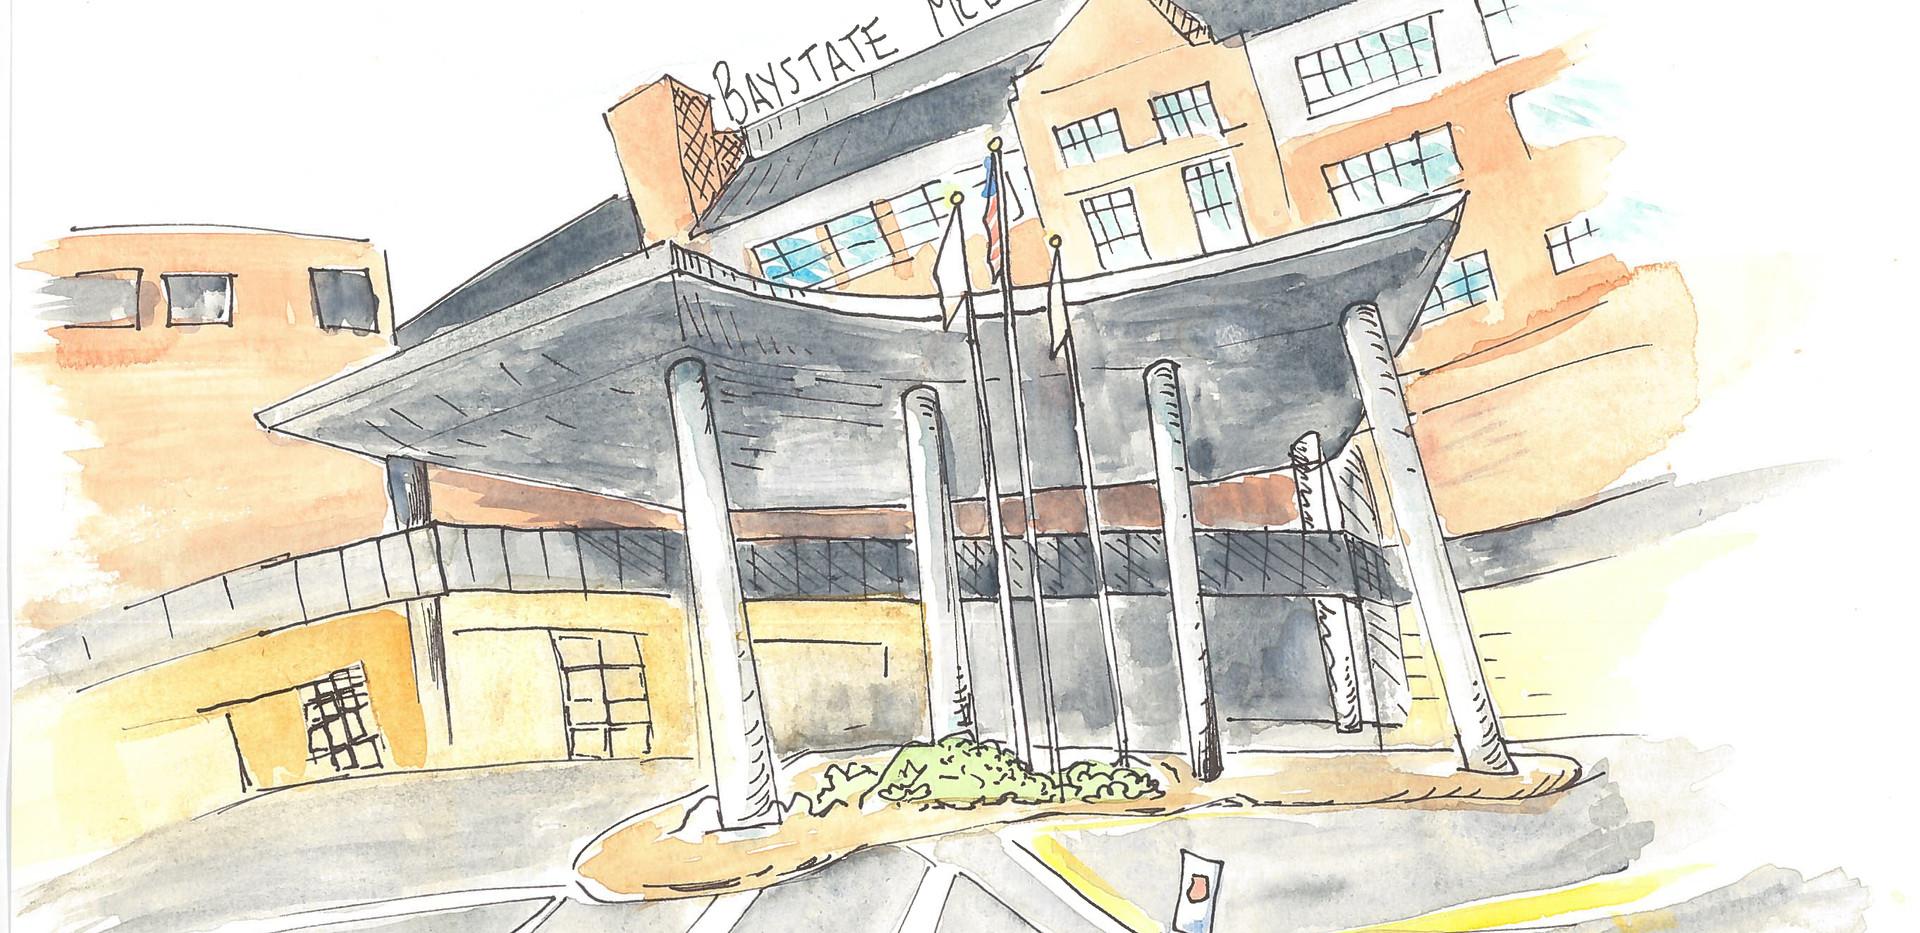 Baystate Children's Hospital